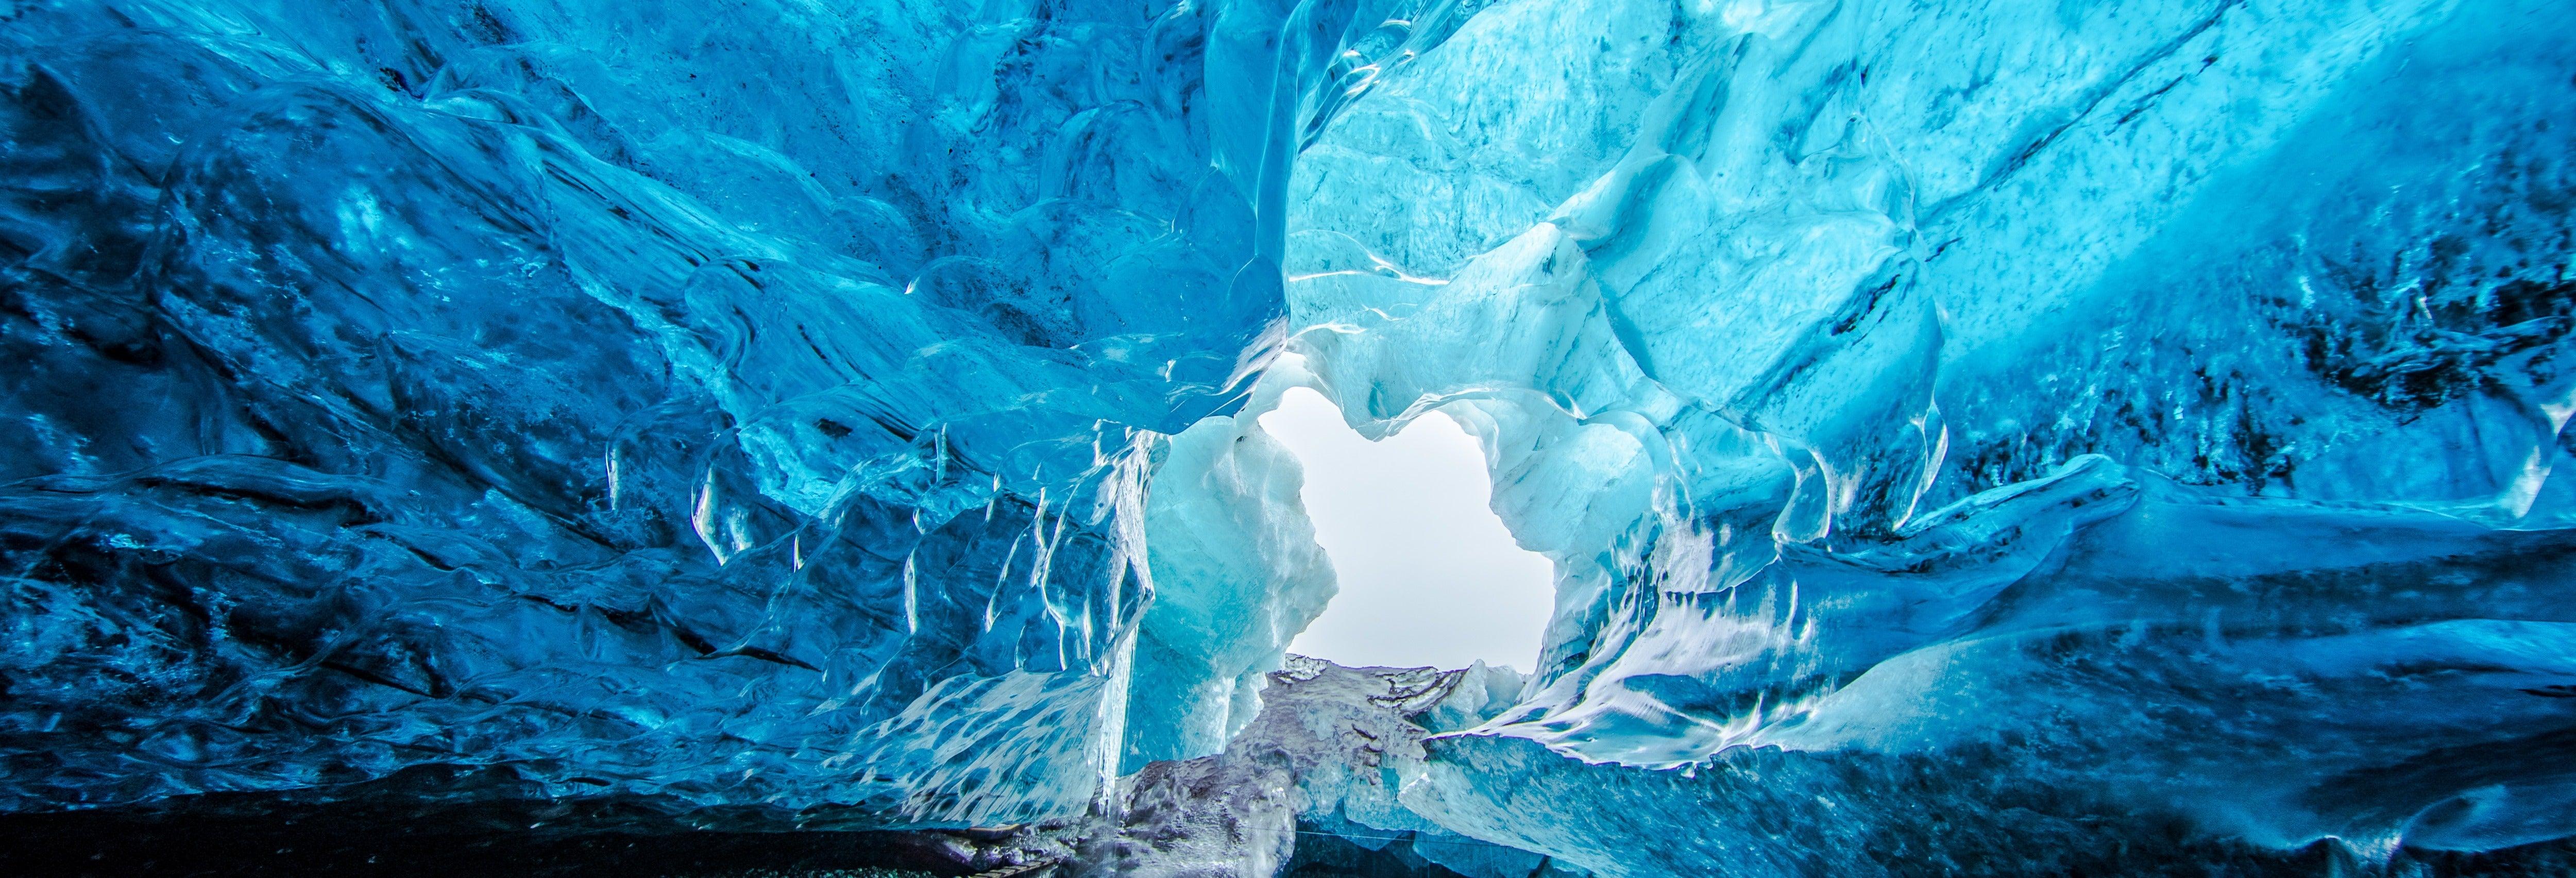 Excursion à la grotte bleue du glacier Vatnajökull